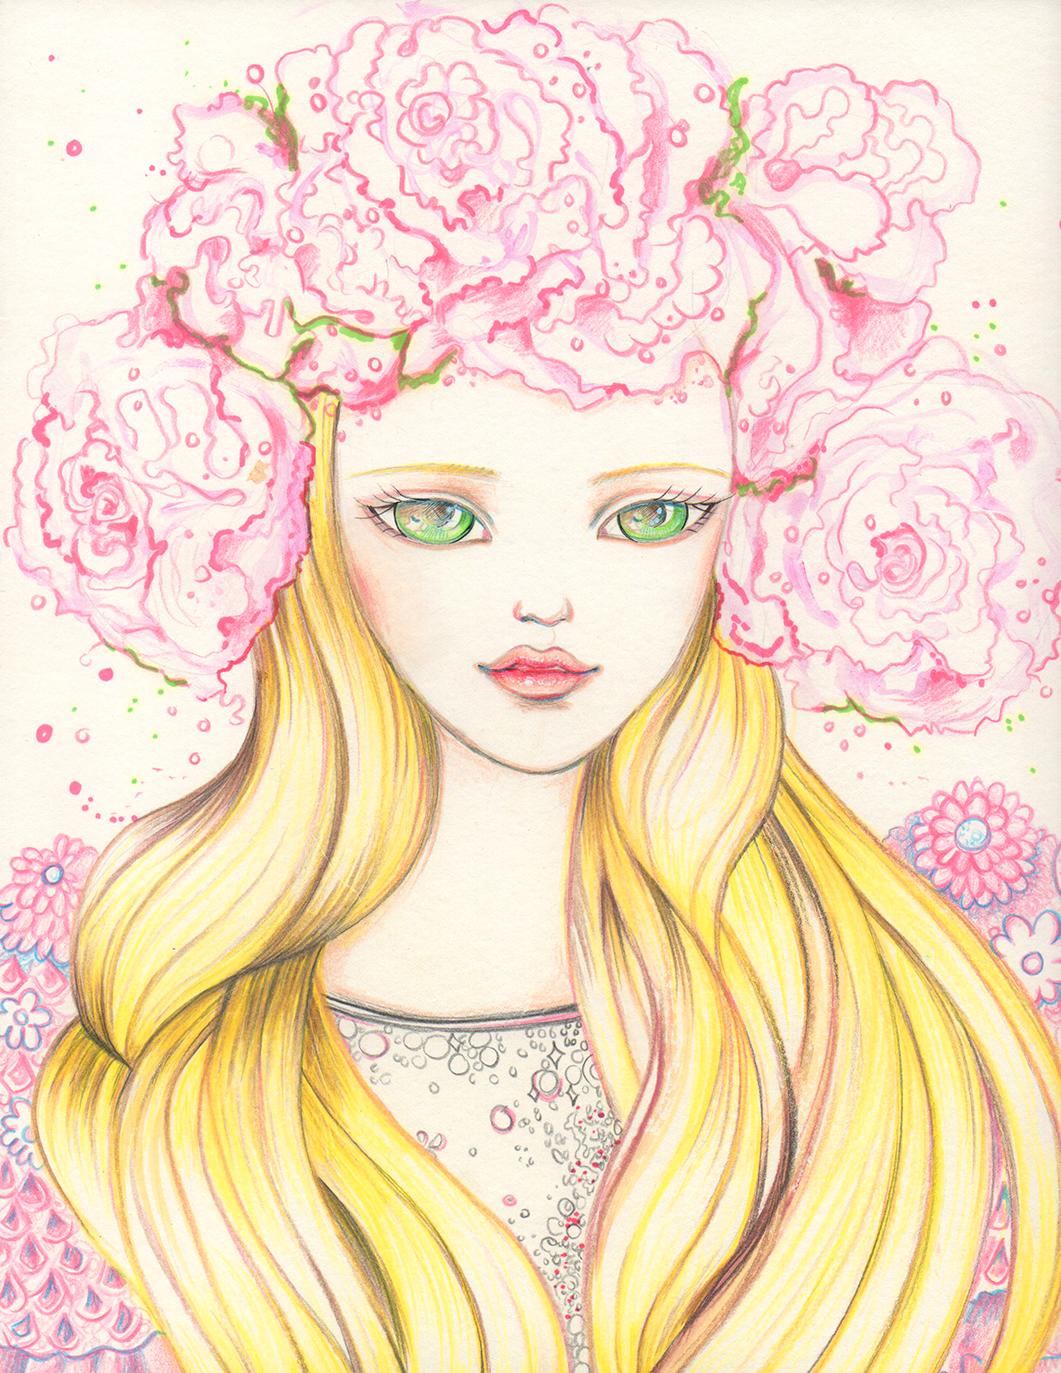 Alice Le Art Rose